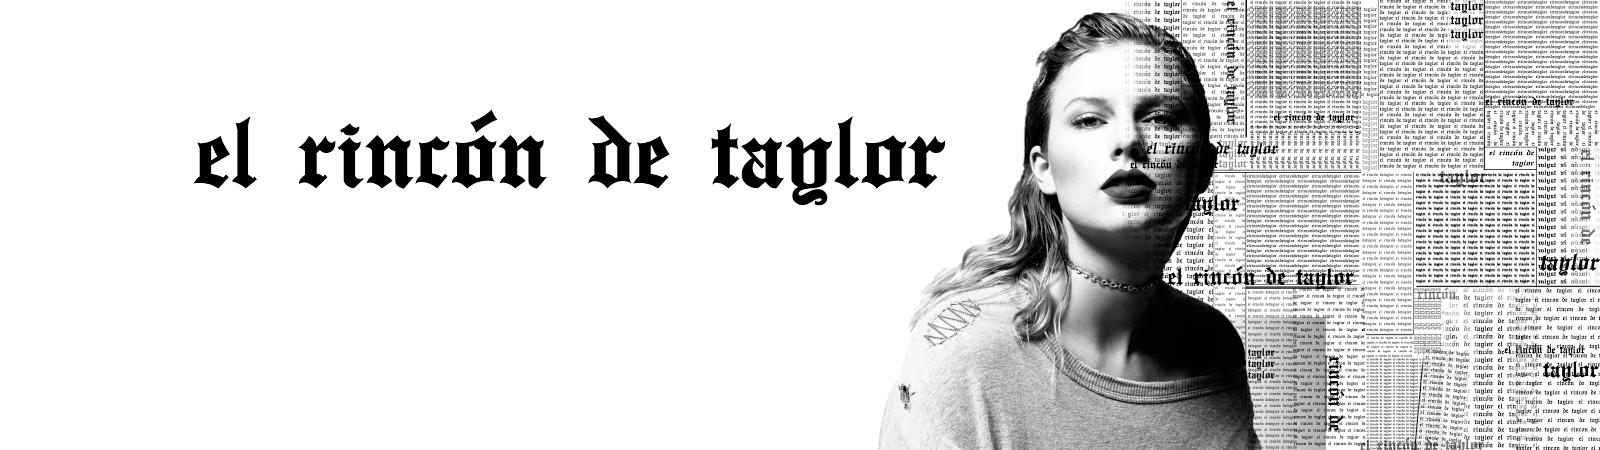 Música - El Rincón de Taylor | Canciones de Taylor Swift en inglés y español